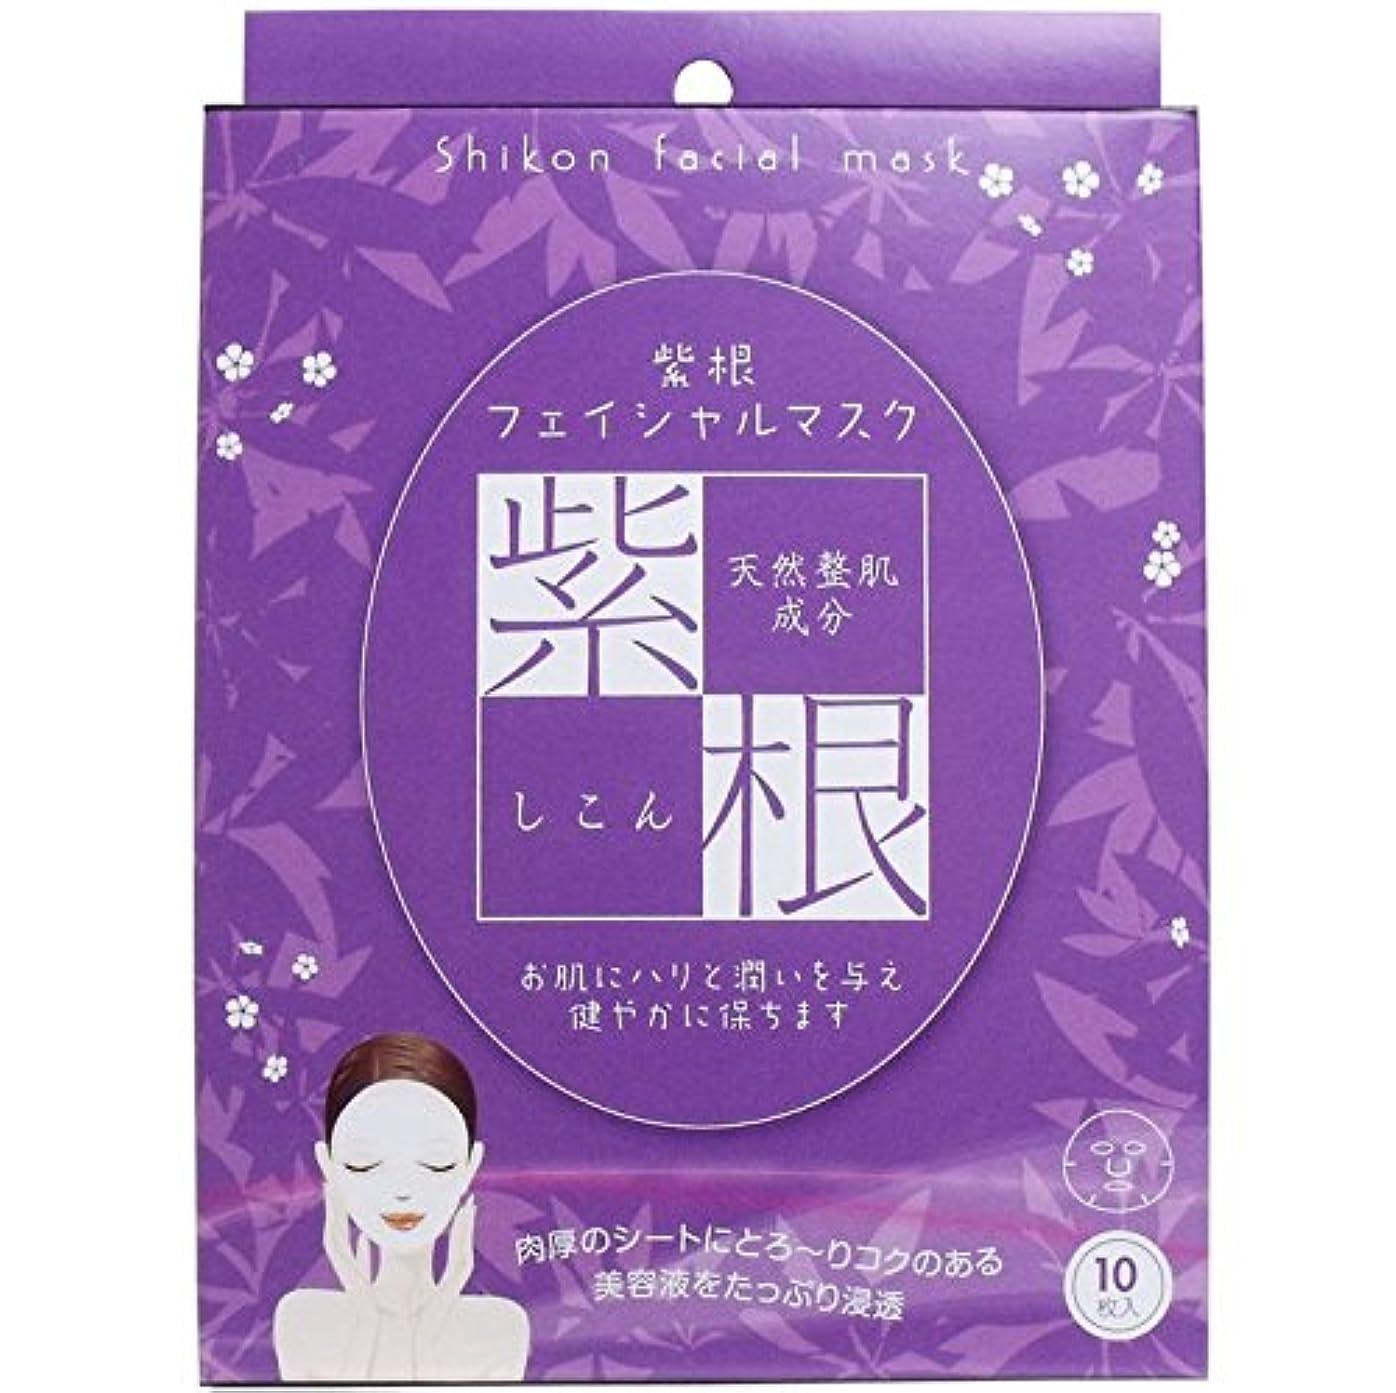 メディカル反逆者極めて重要な紫根フェイシャルマスク 10枚×(4セット)